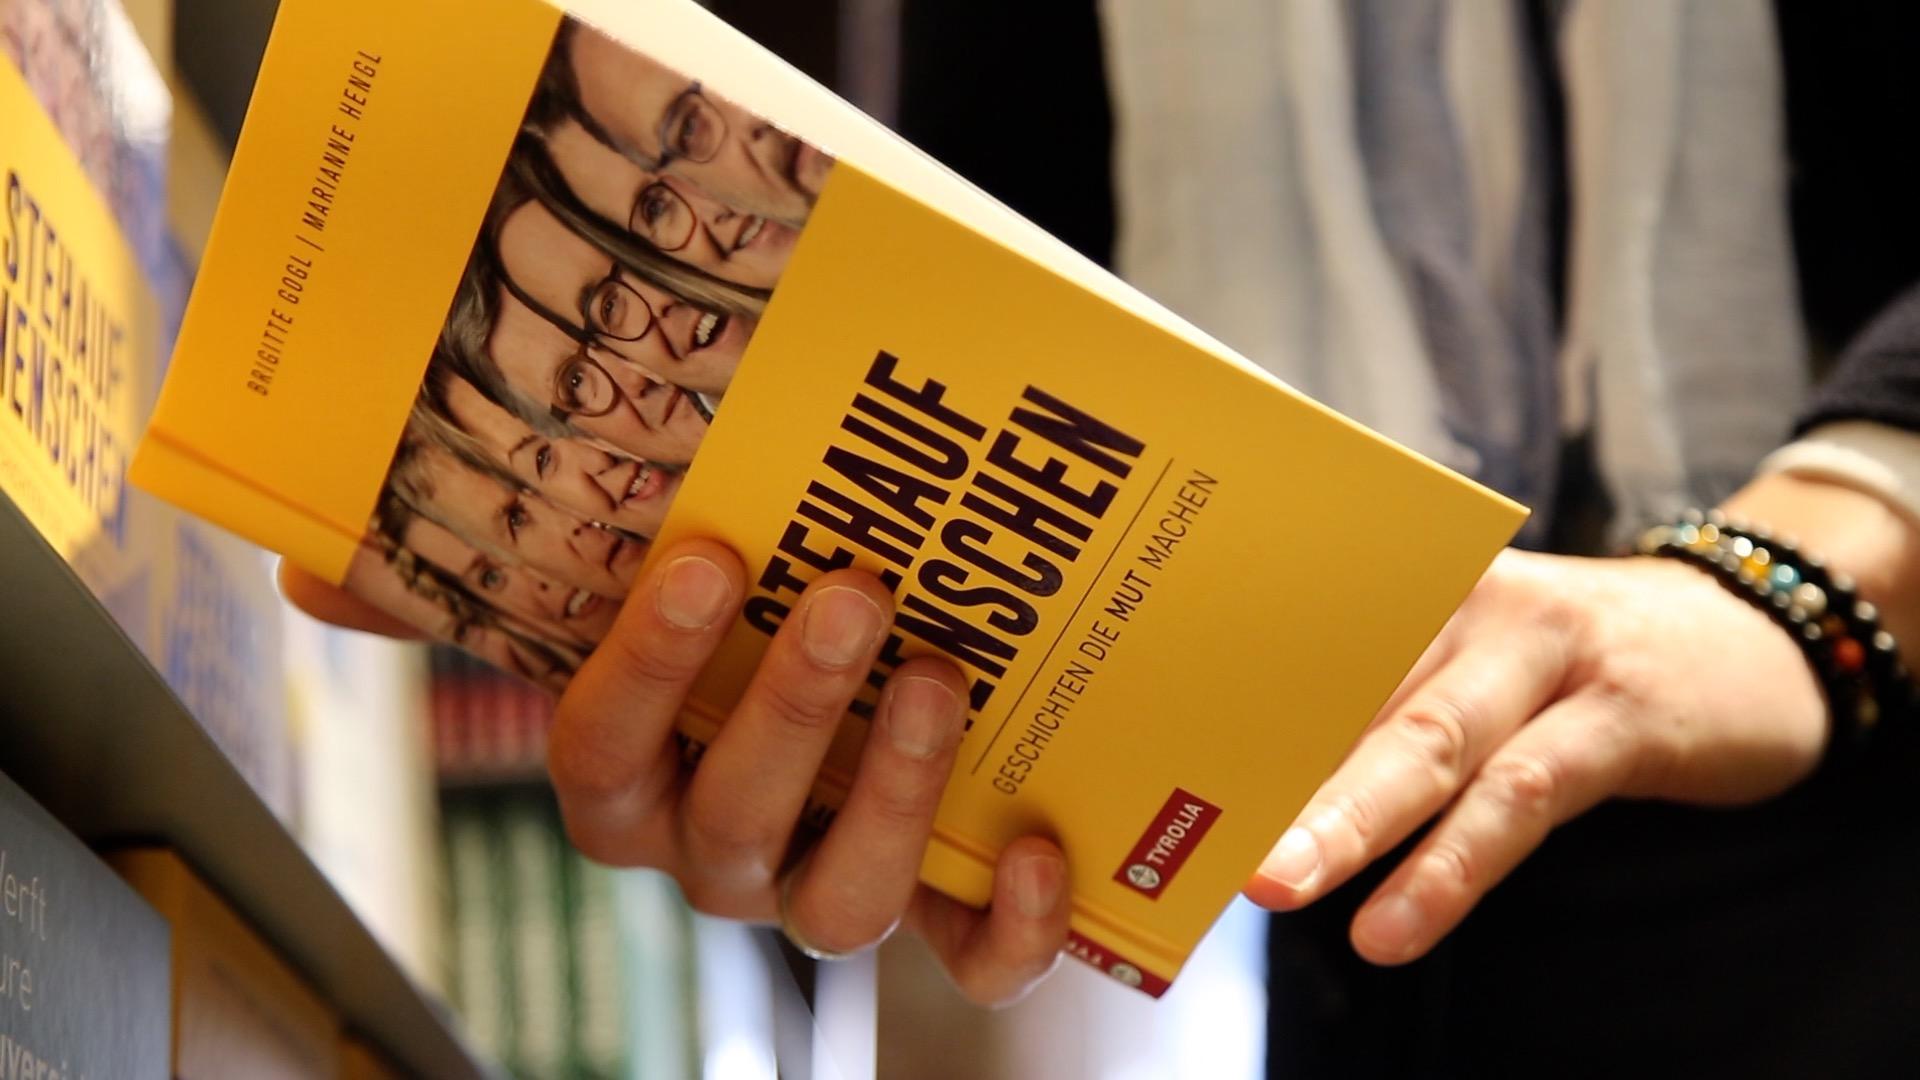 Buch Stehaufmenschen von Marianne Hengl